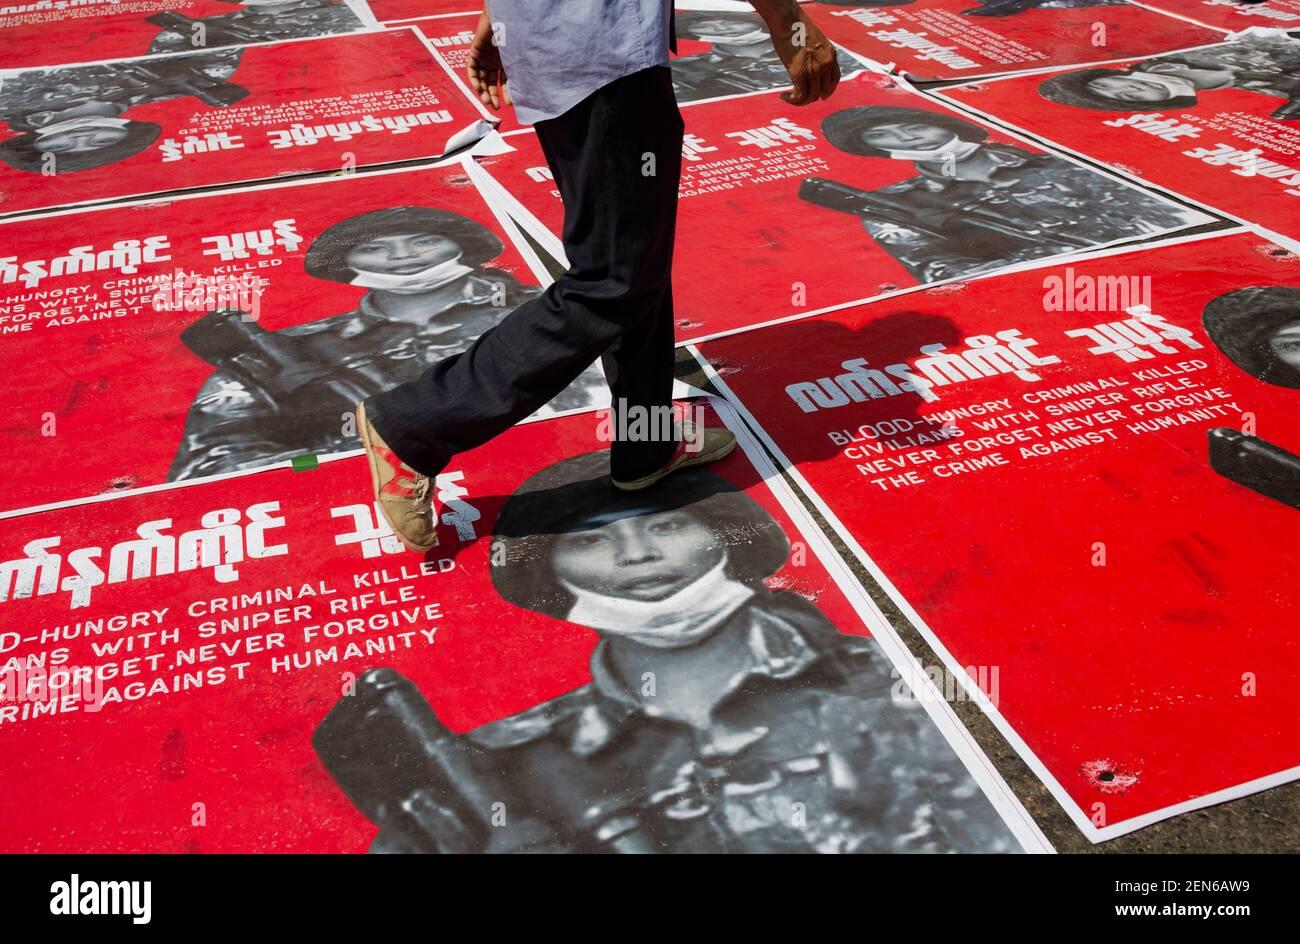 Yangon, Myanmar. 22 de febrero de 2021. Un manifestante dio un retrato del soldado del ejército de Myanmar que mató a civiles en la manifestación de Mandalay durante la protesta. Una muchedumbre masiva tomó las calles de Yangon para protestar contra el golpe militar y exigió la liberación de Aung San Suu Kyi. El ejército de Myanmar detuvo a la Consejera de Estado de Myanmar Aung San Suu Kyi el 01 de febrero de 2021 y declaró el estado de emergencia mientras se apoderaba del poder en el país durante un año después de perder las elecciones contra la Liga Nacional para la Democracia crédito: Aung Kyaw Htet/SOPA Images/ZUMA Wire/Alamy Live News Foto de stock